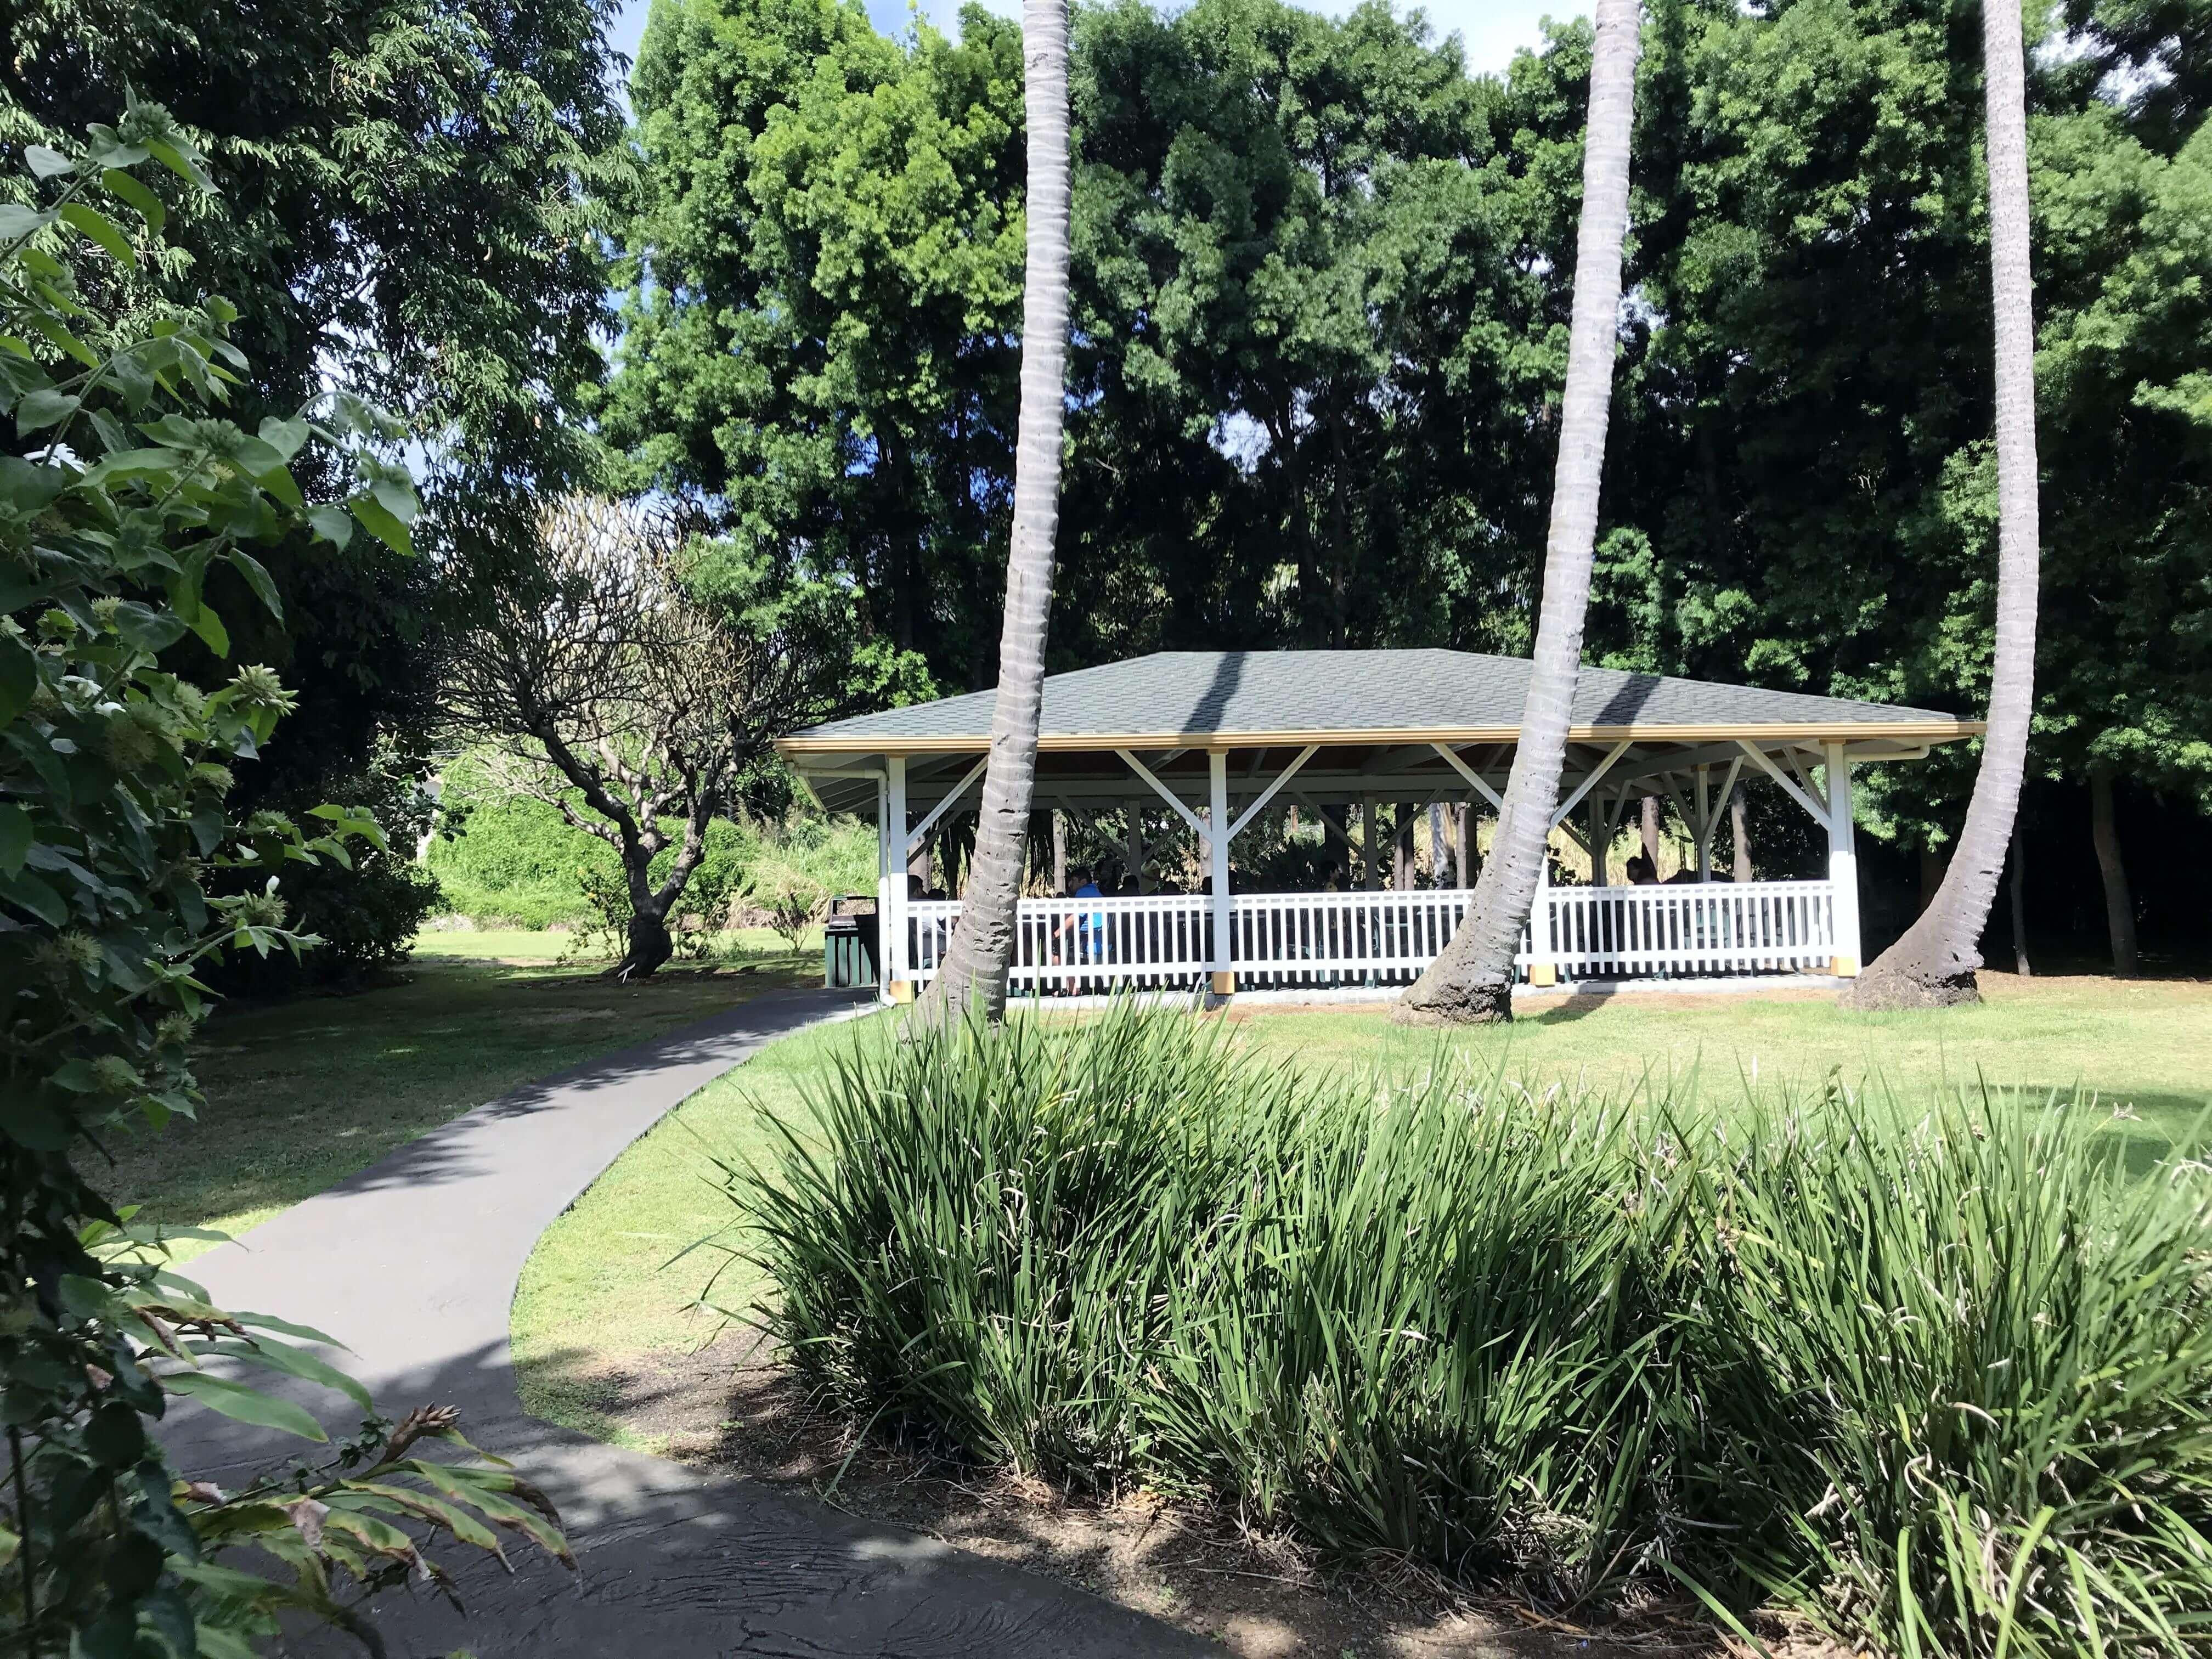 ハワイ-プナルウベイクショップ-ガーデン2